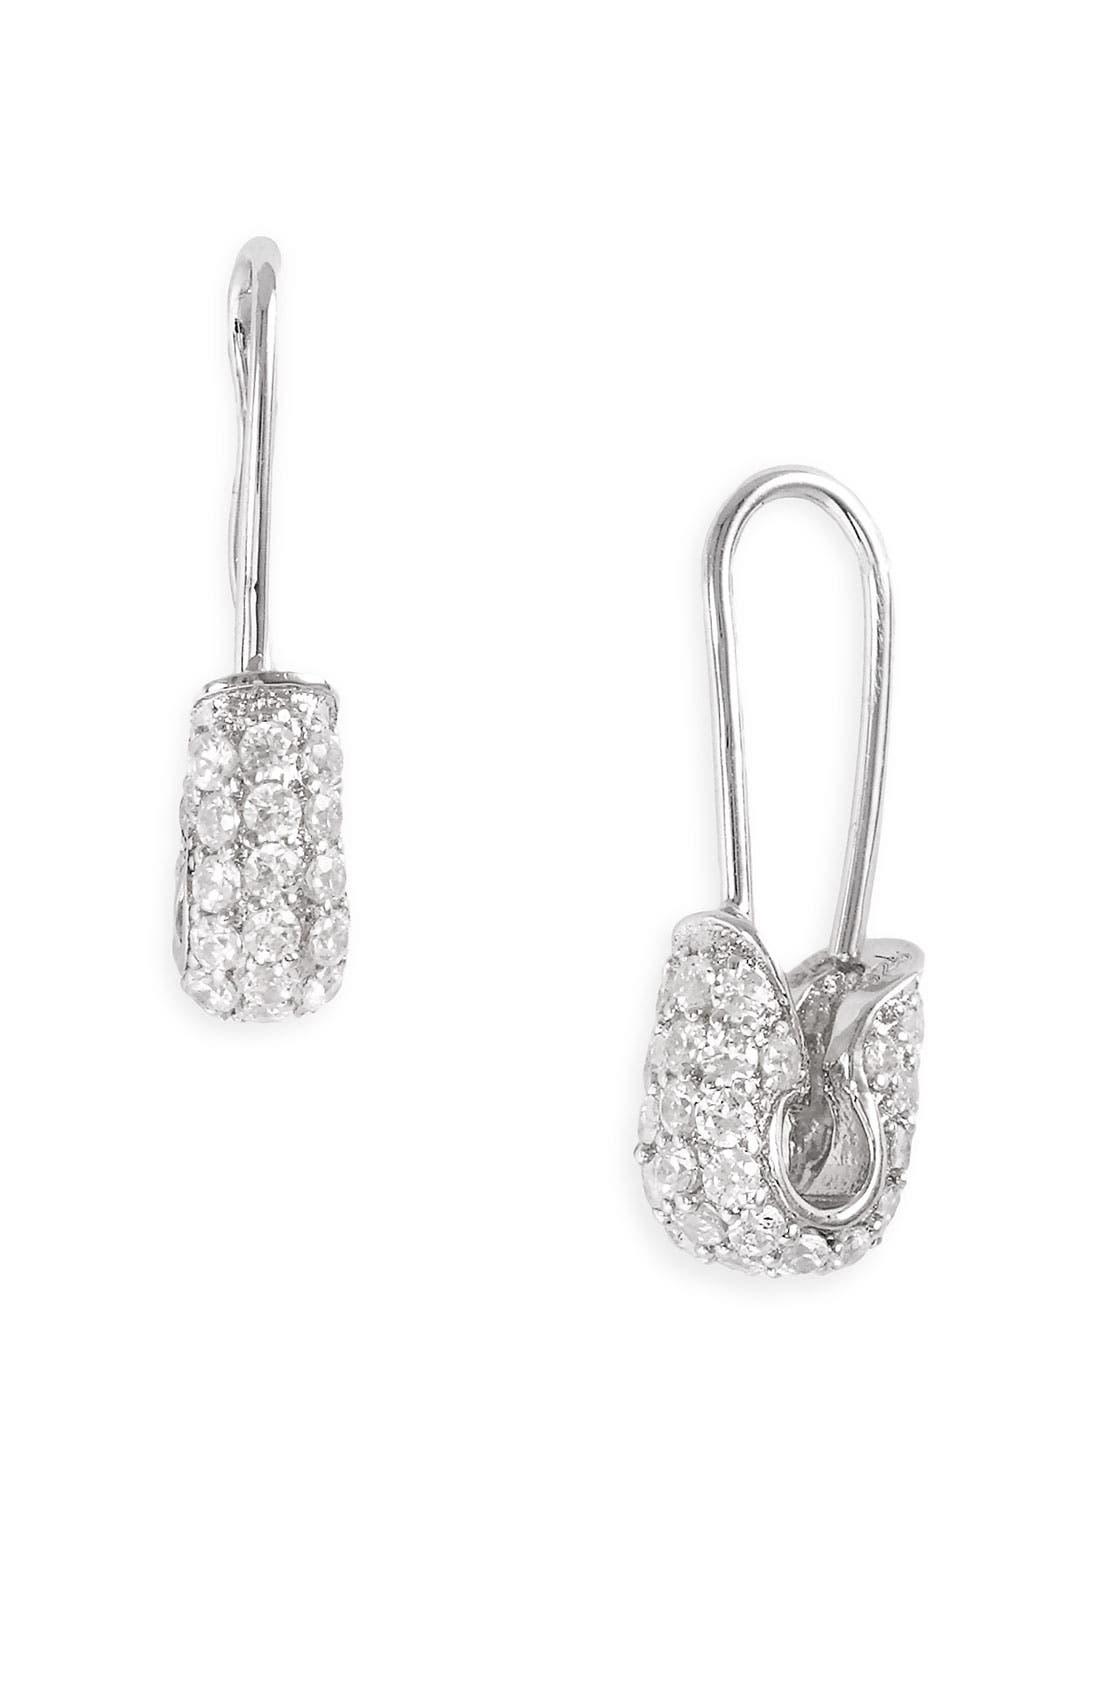 Main Image - Tom Binns 'Bejewelled Safety Binns' Earrings